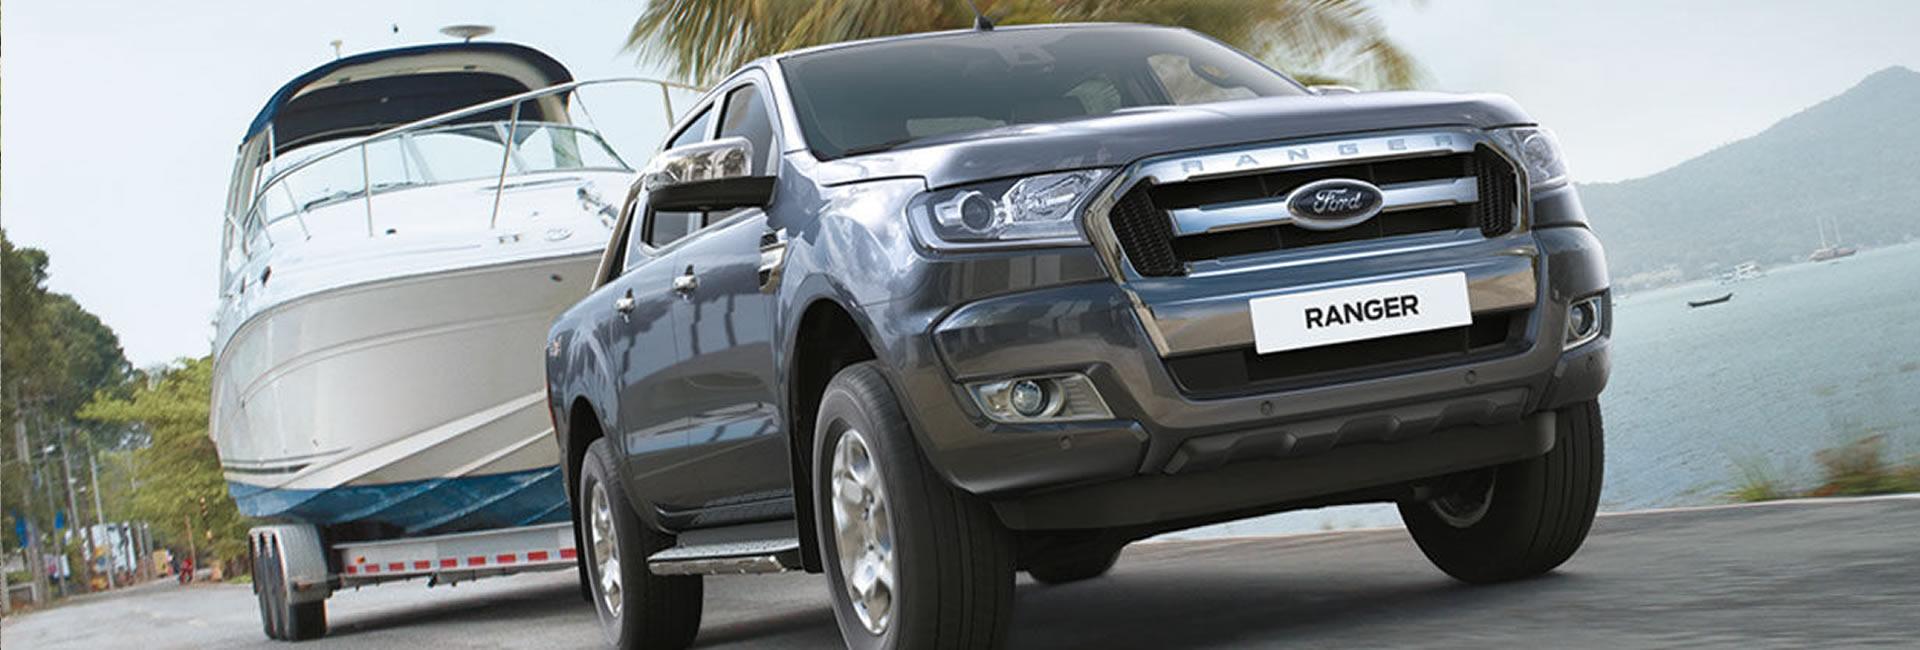 Ranger WildTrak   Ford Trinidad